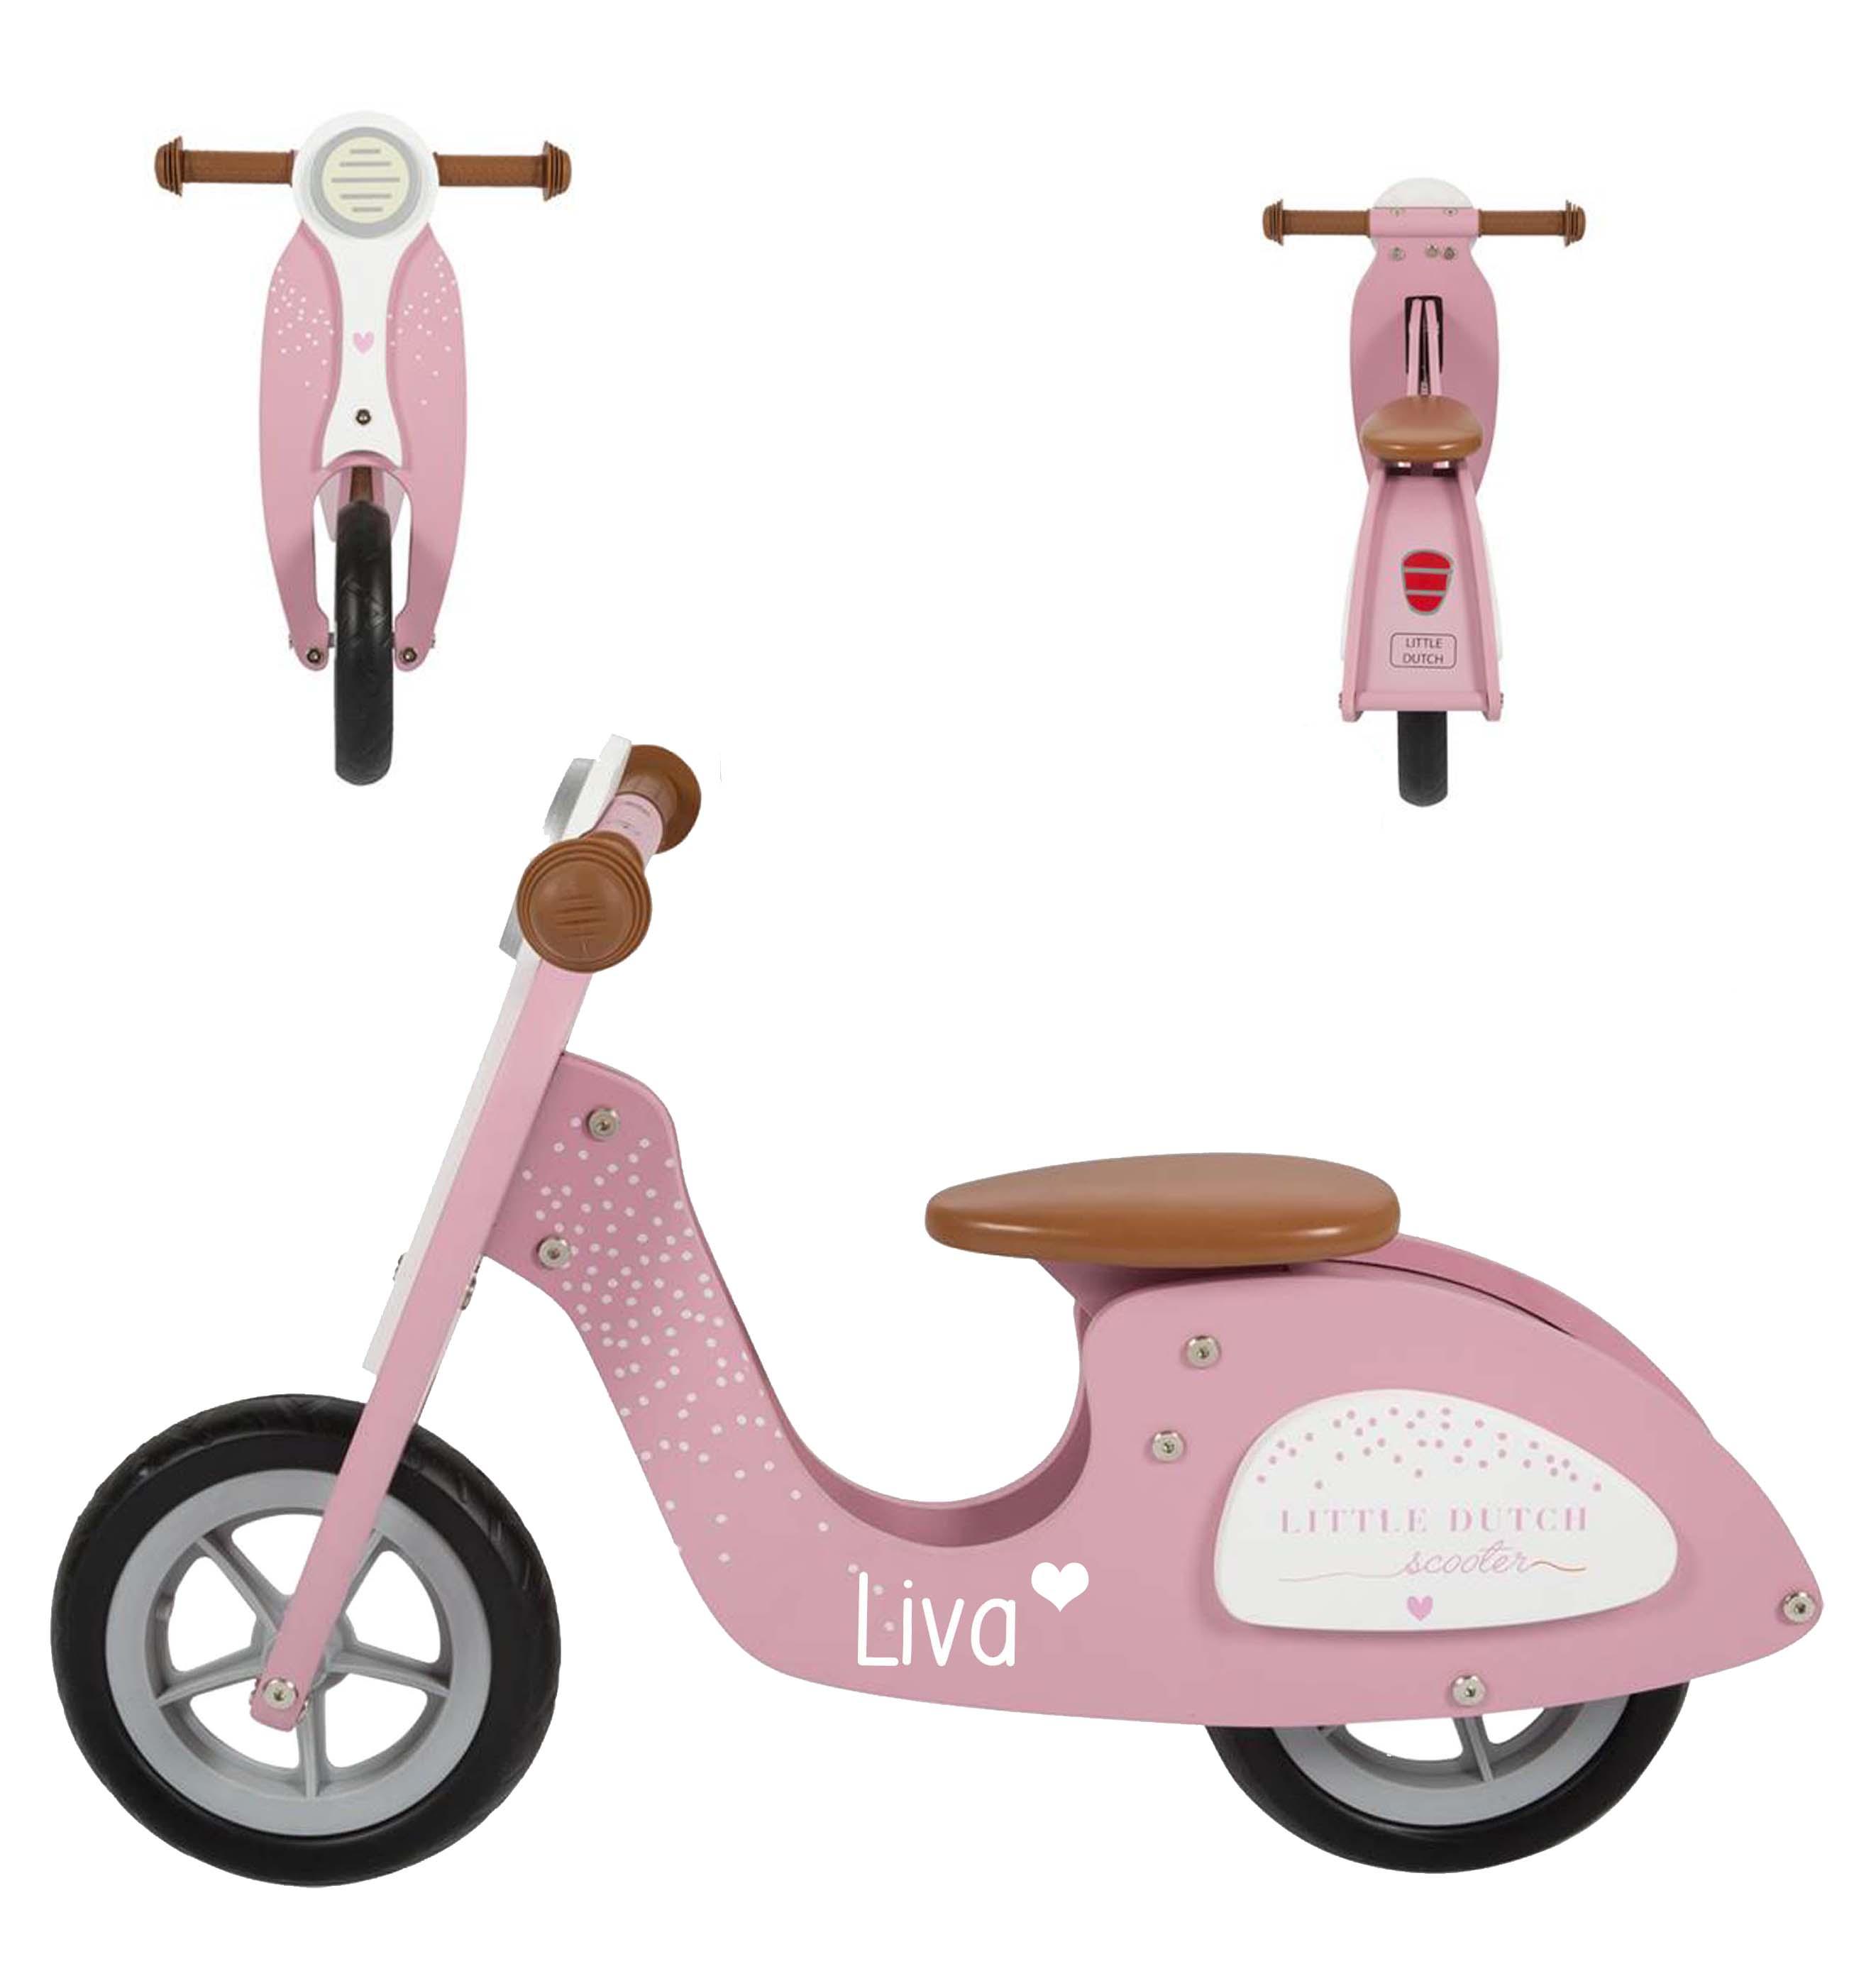 scooter Julia onder naam